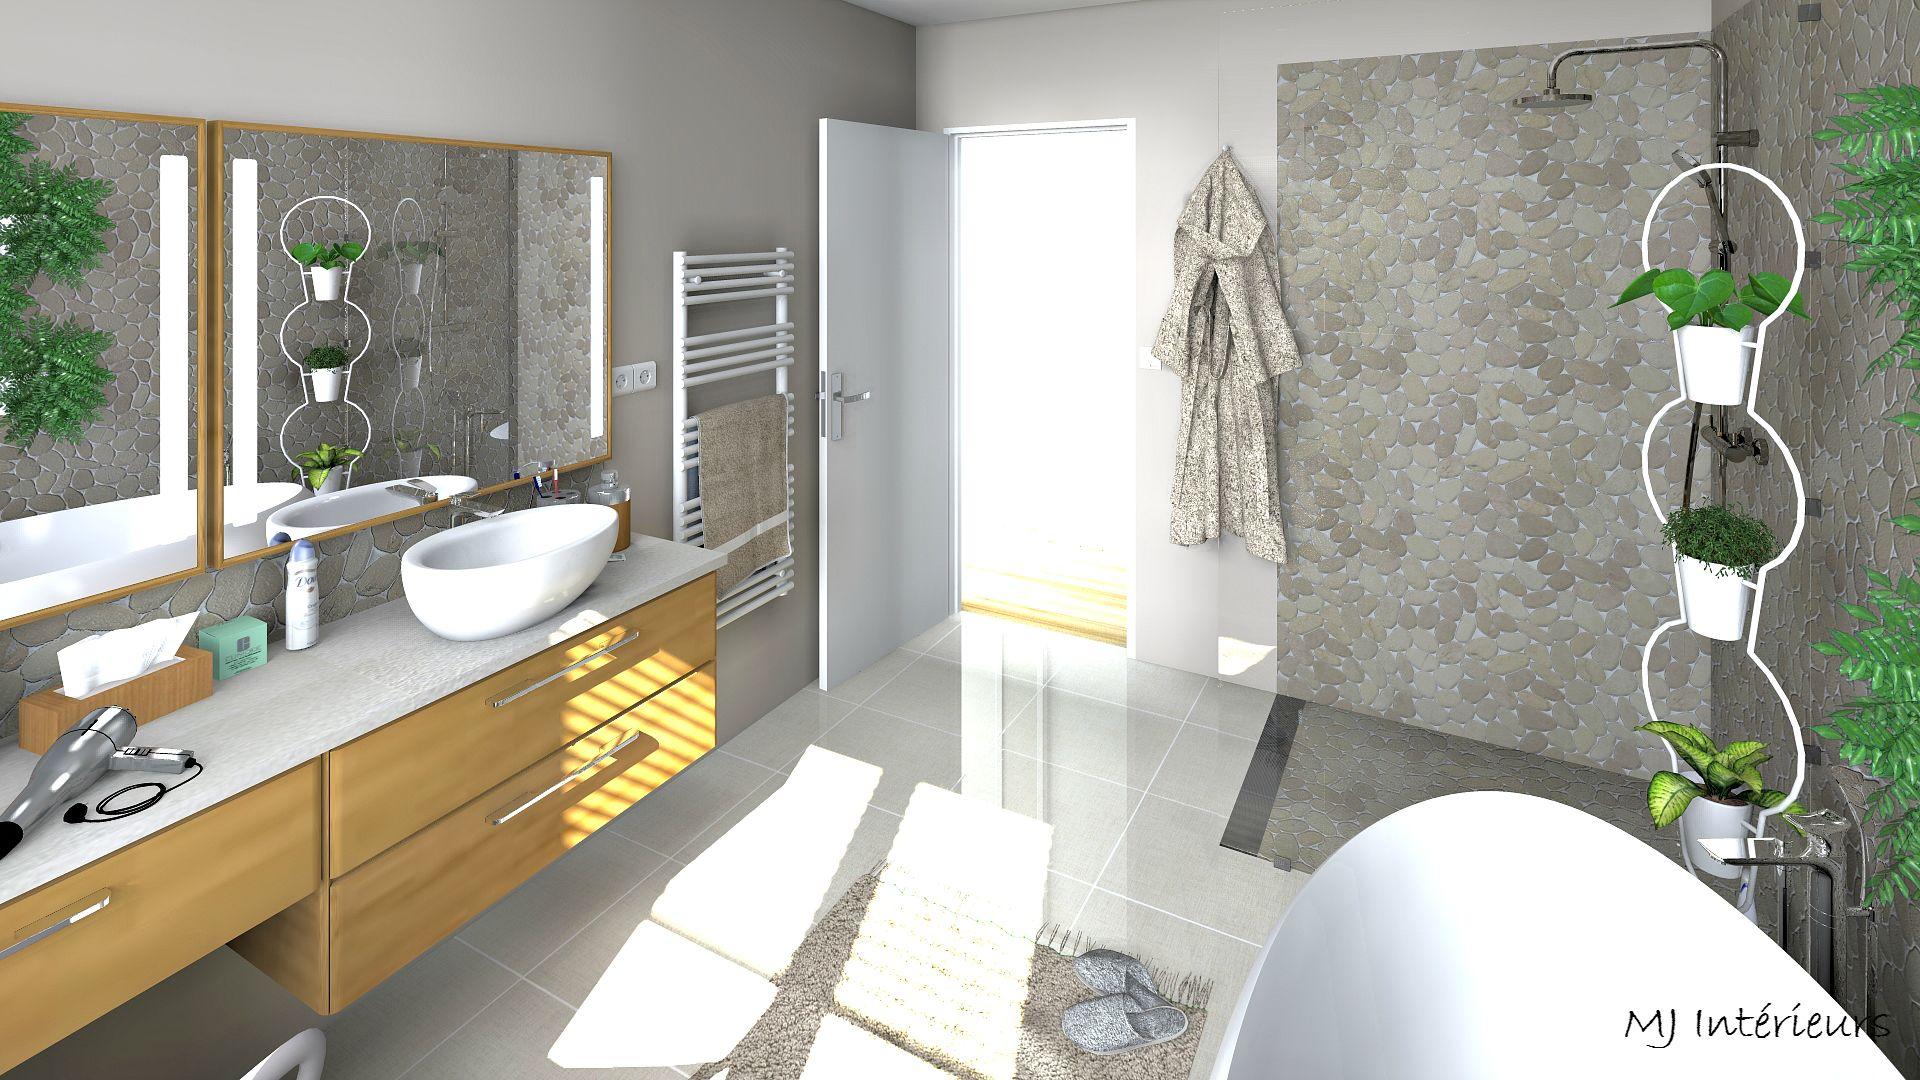 salle de bain ambiance nature et zen avec une mosa que de galets et des meubles en ch ne clair. Black Bedroom Furniture Sets. Home Design Ideas